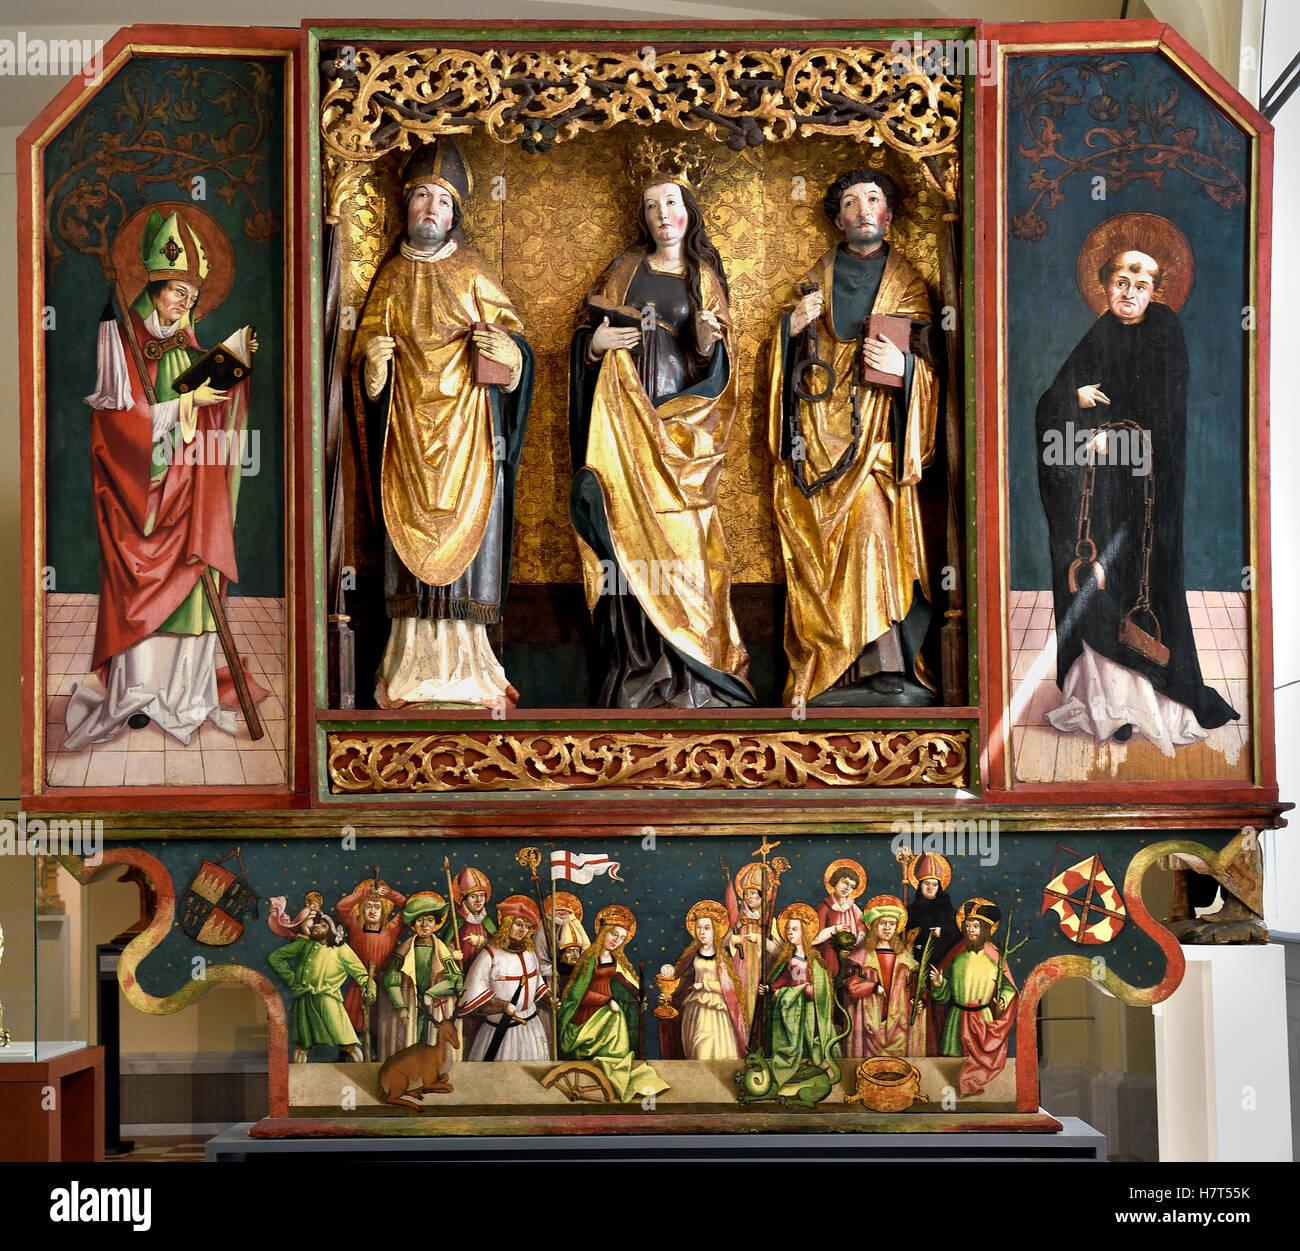 Retablo alado con los santos y los catorce Ayudantes Santo 1500 Franken Schwabisch hall alemán Alemania Imagen De Stock